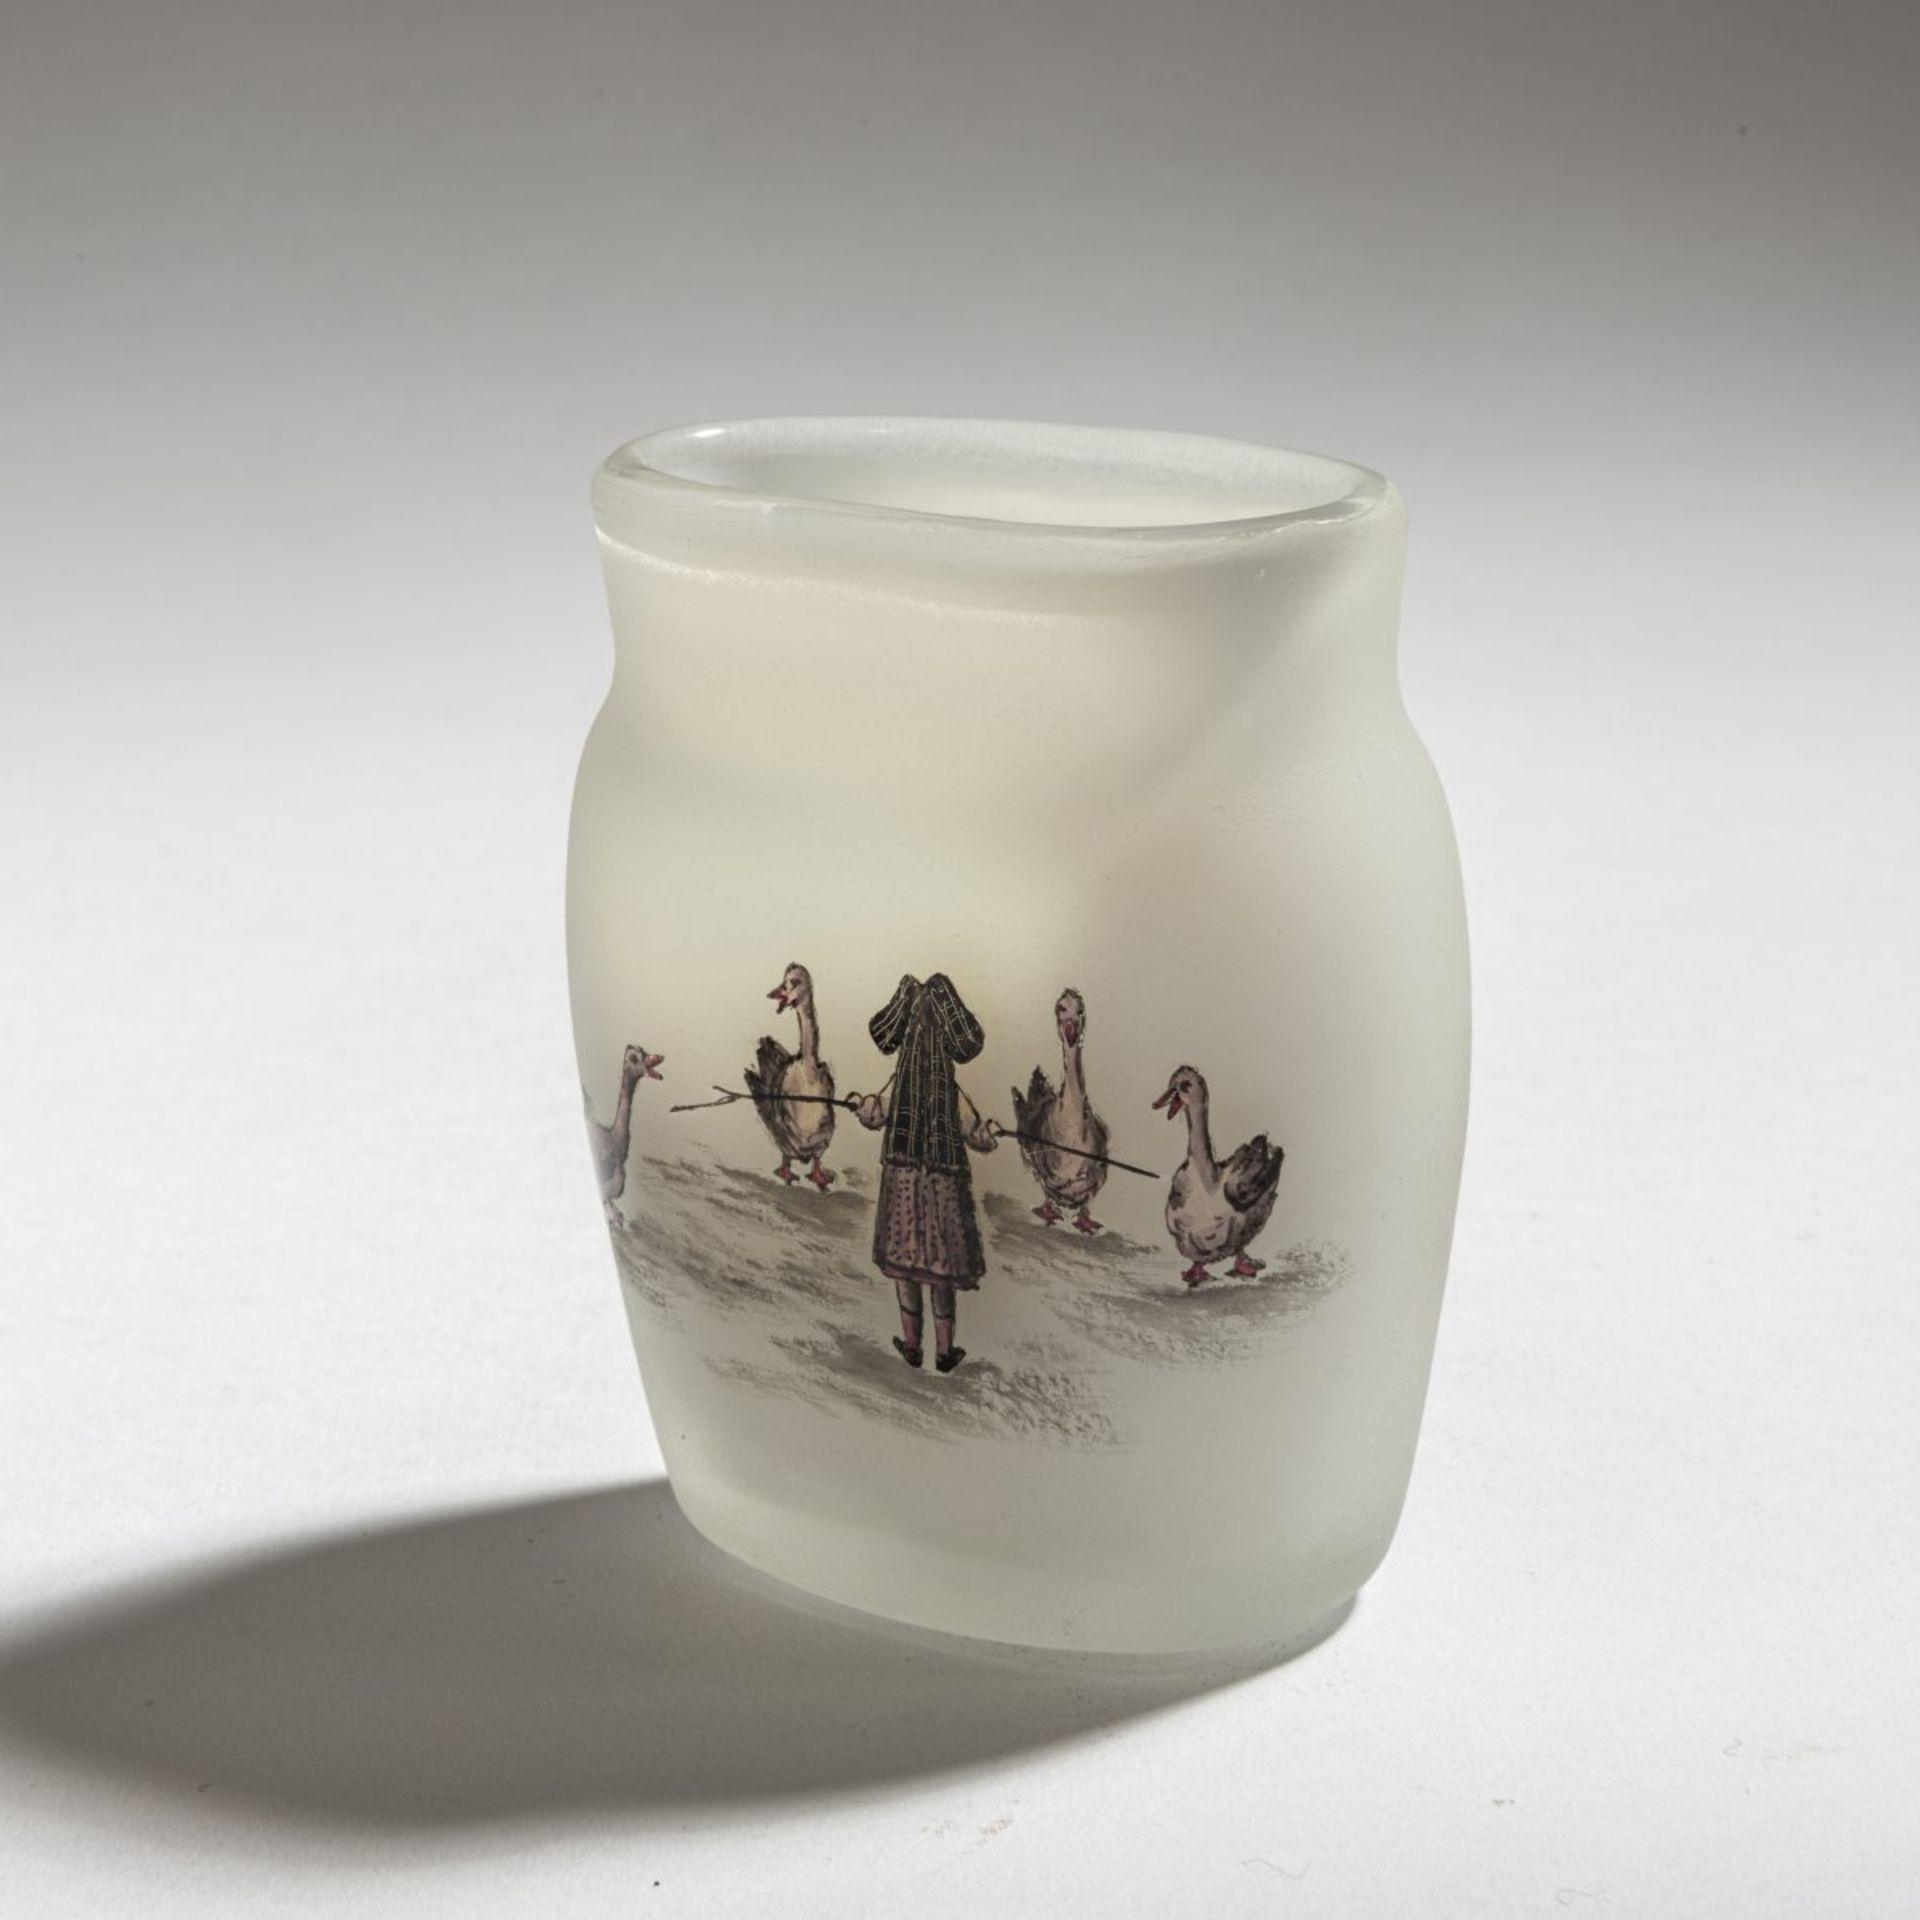 Daum Frères, Nancy, Vase 'La petite Gardeuse d'oies' (The Goose Girl), 1898